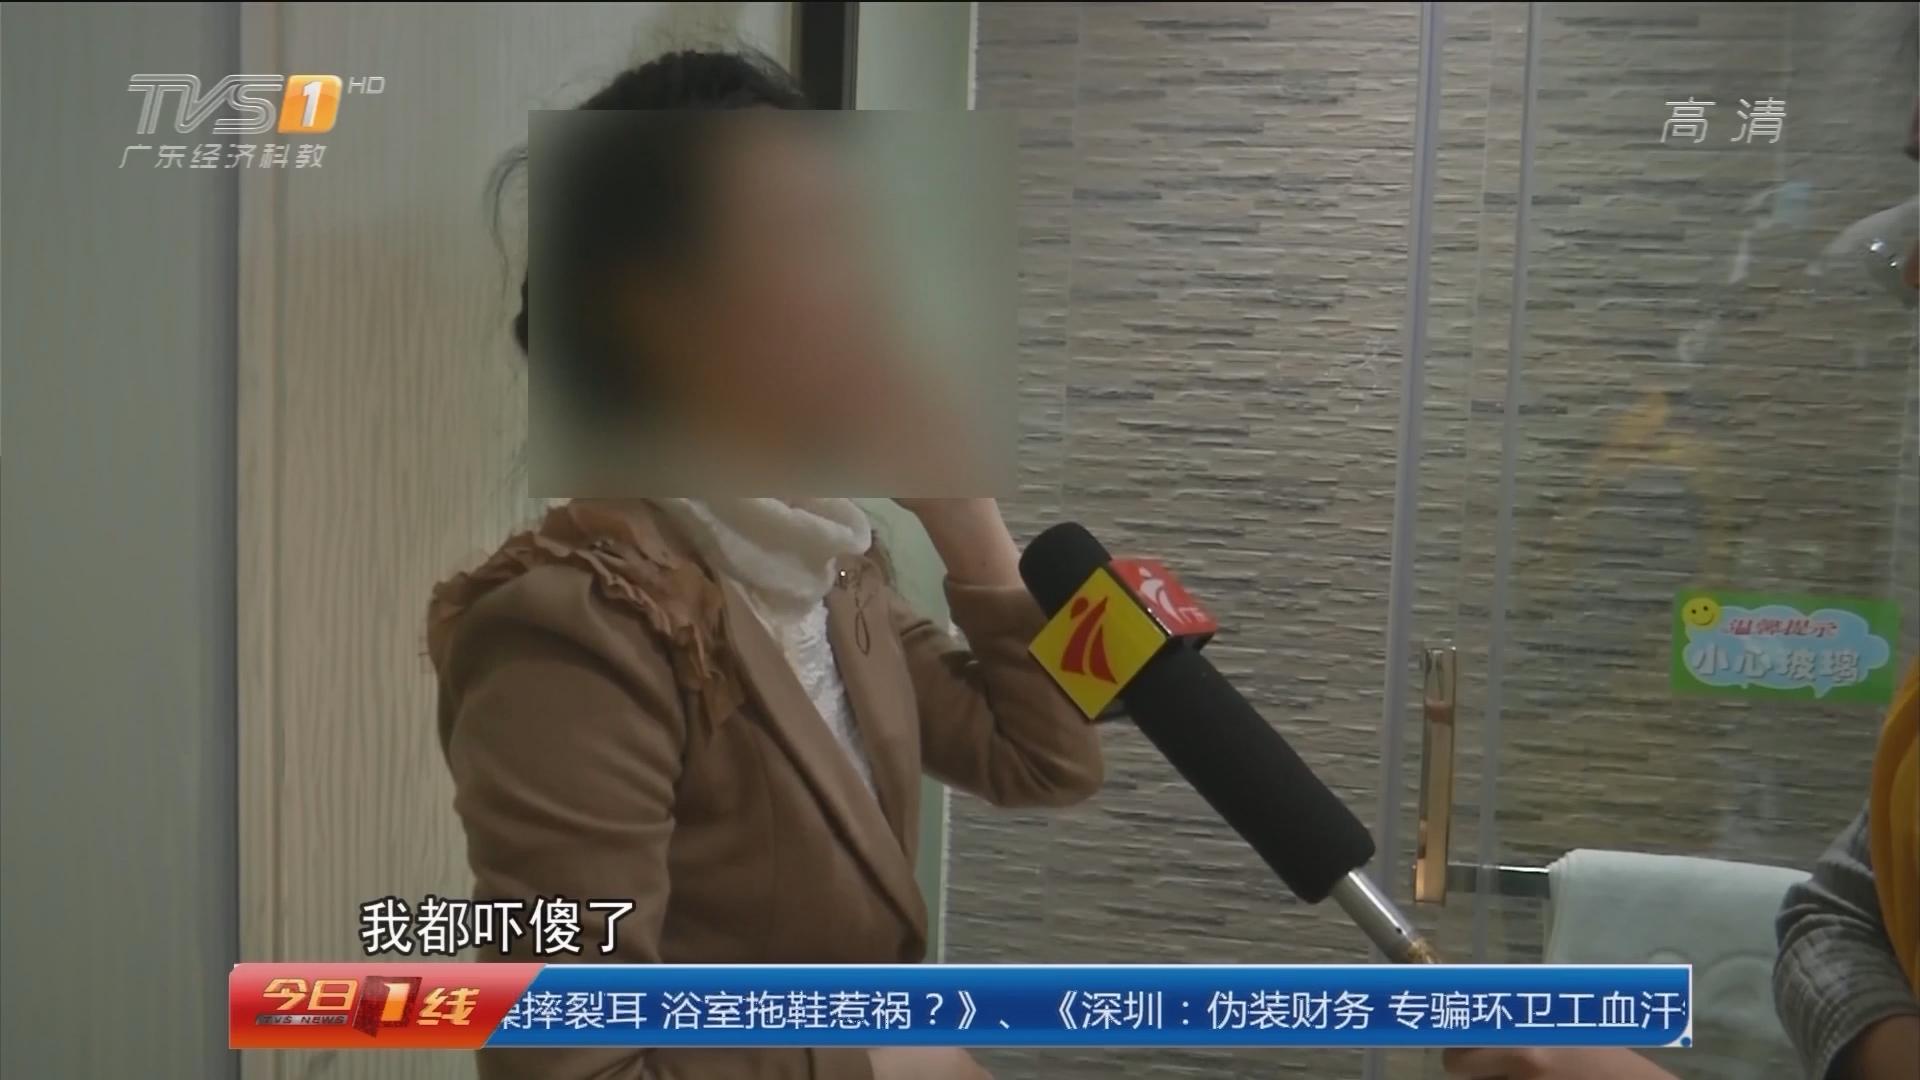 深圳大梅沙:旅客洗澡摔裂耳 浴室拖鞋惹祸?